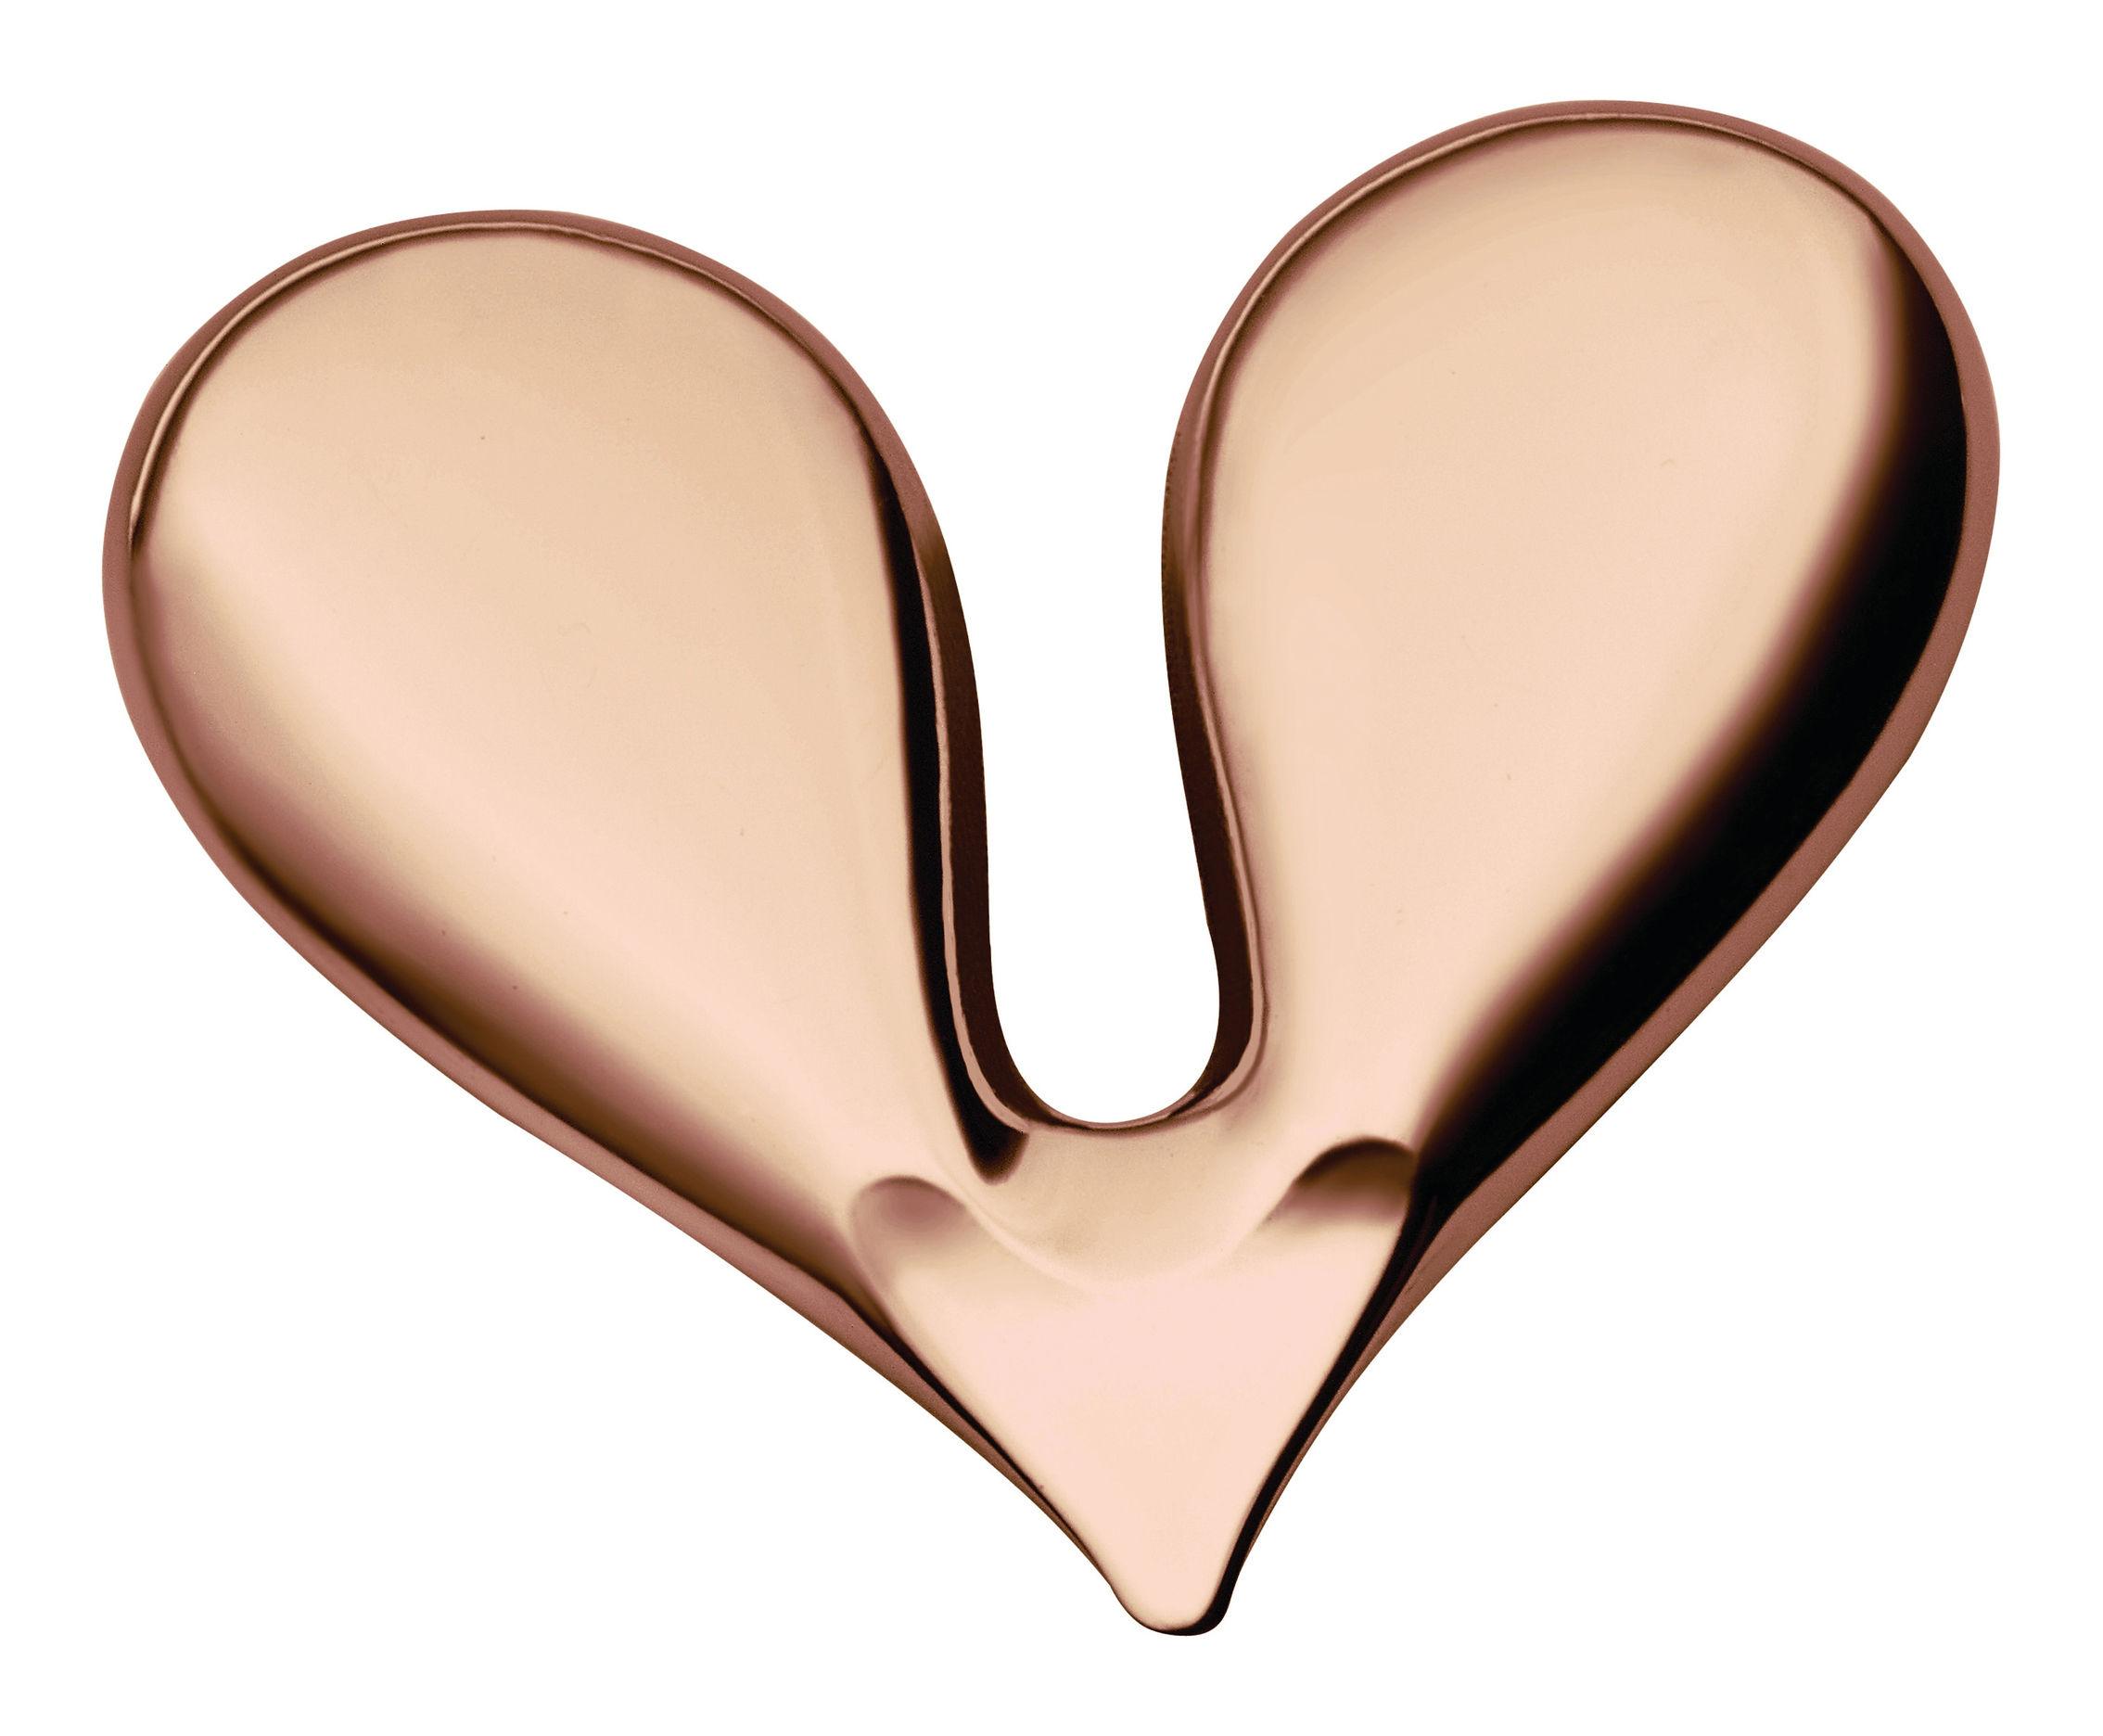 Kitchenware - Kitchen Equipment - Nut Splitter Nut cracker by Alessi - Golden pink - Stainless steel 18/10